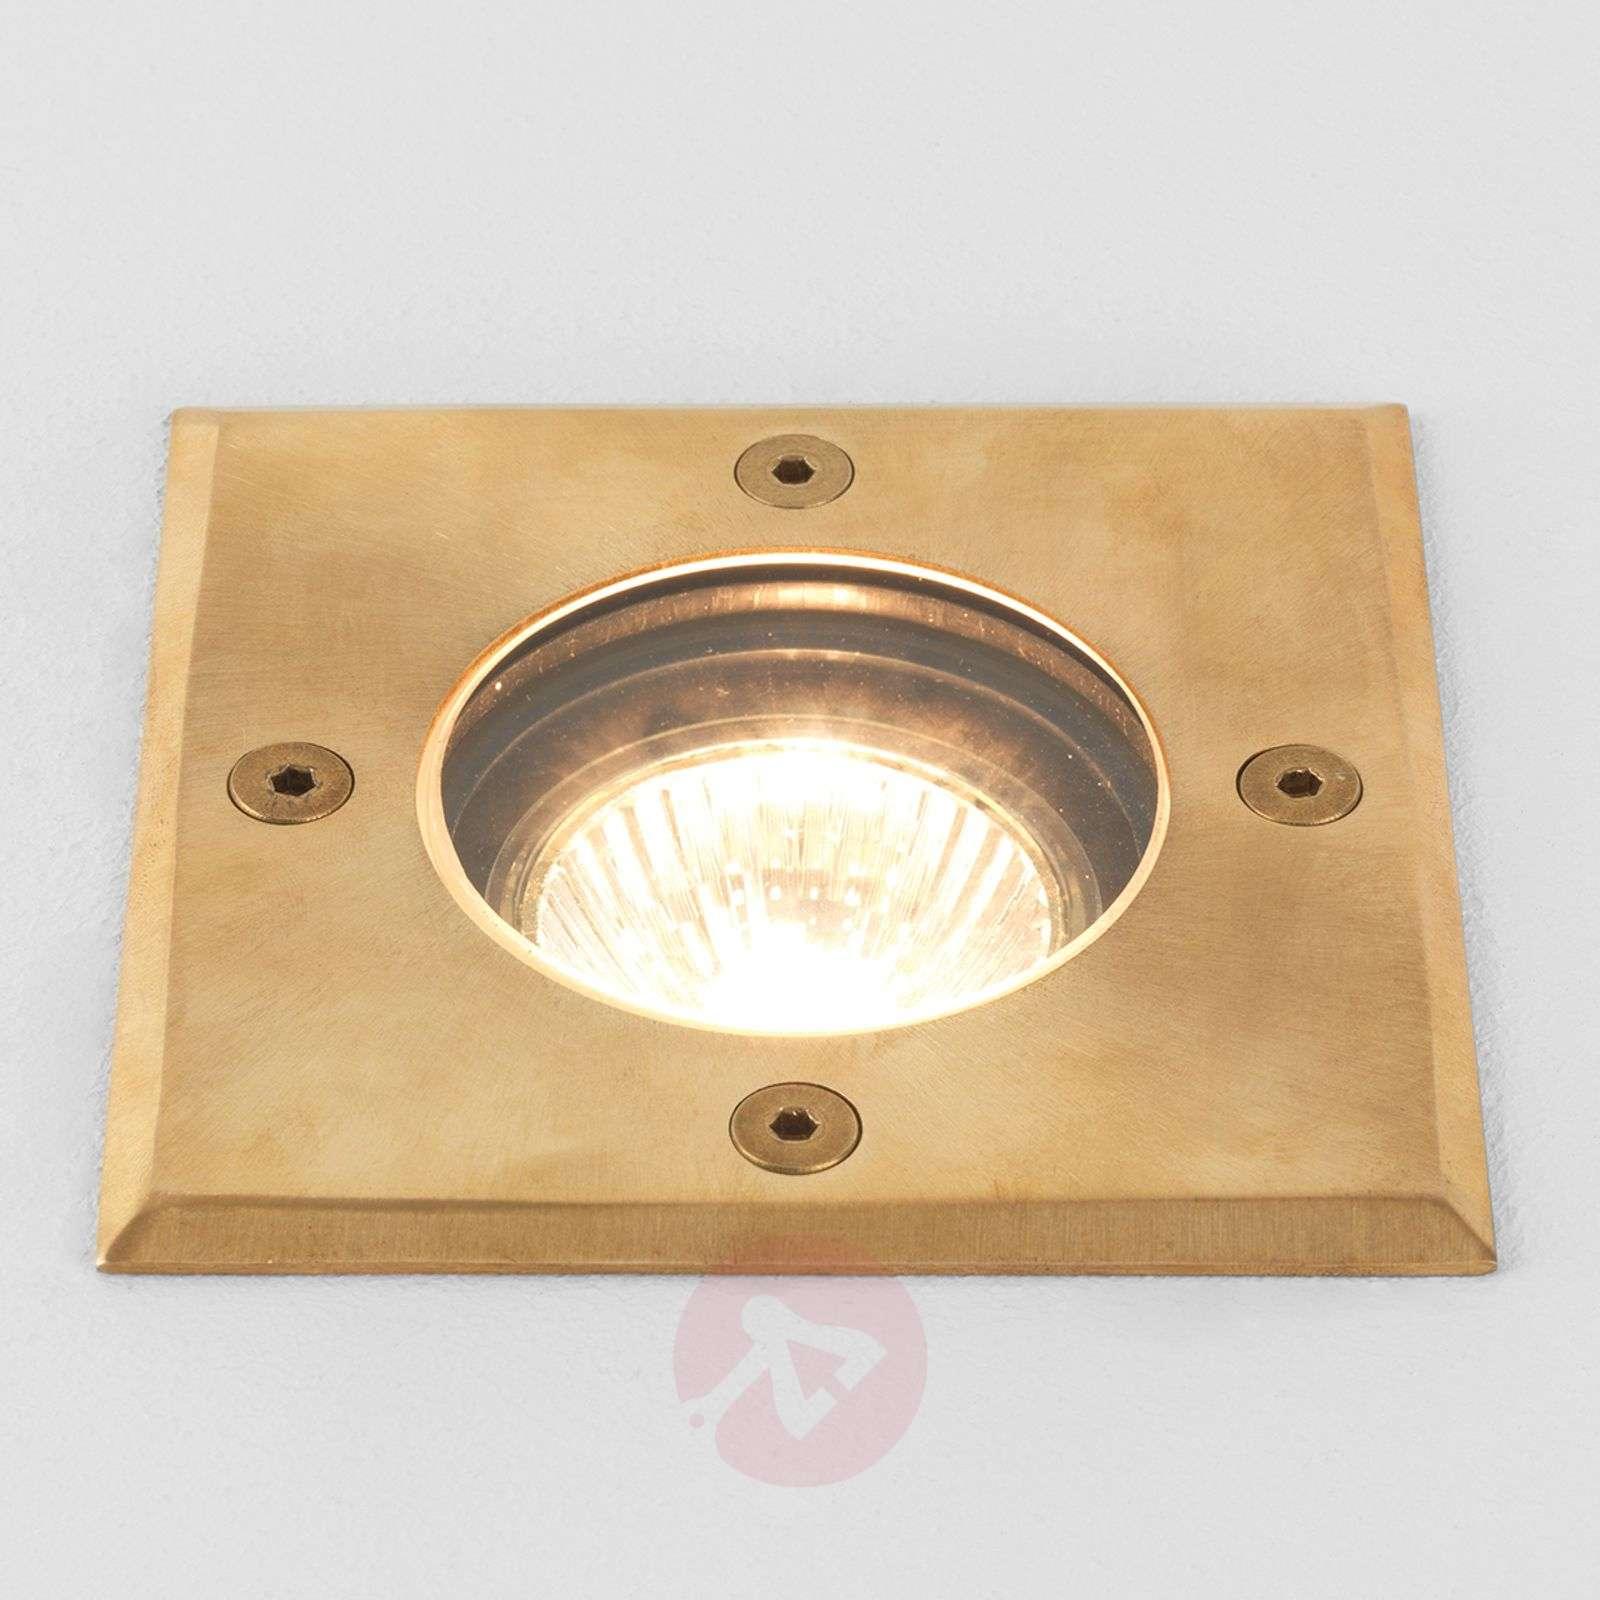 Recessed floor light Gramos seawater-resistant-1020567-01